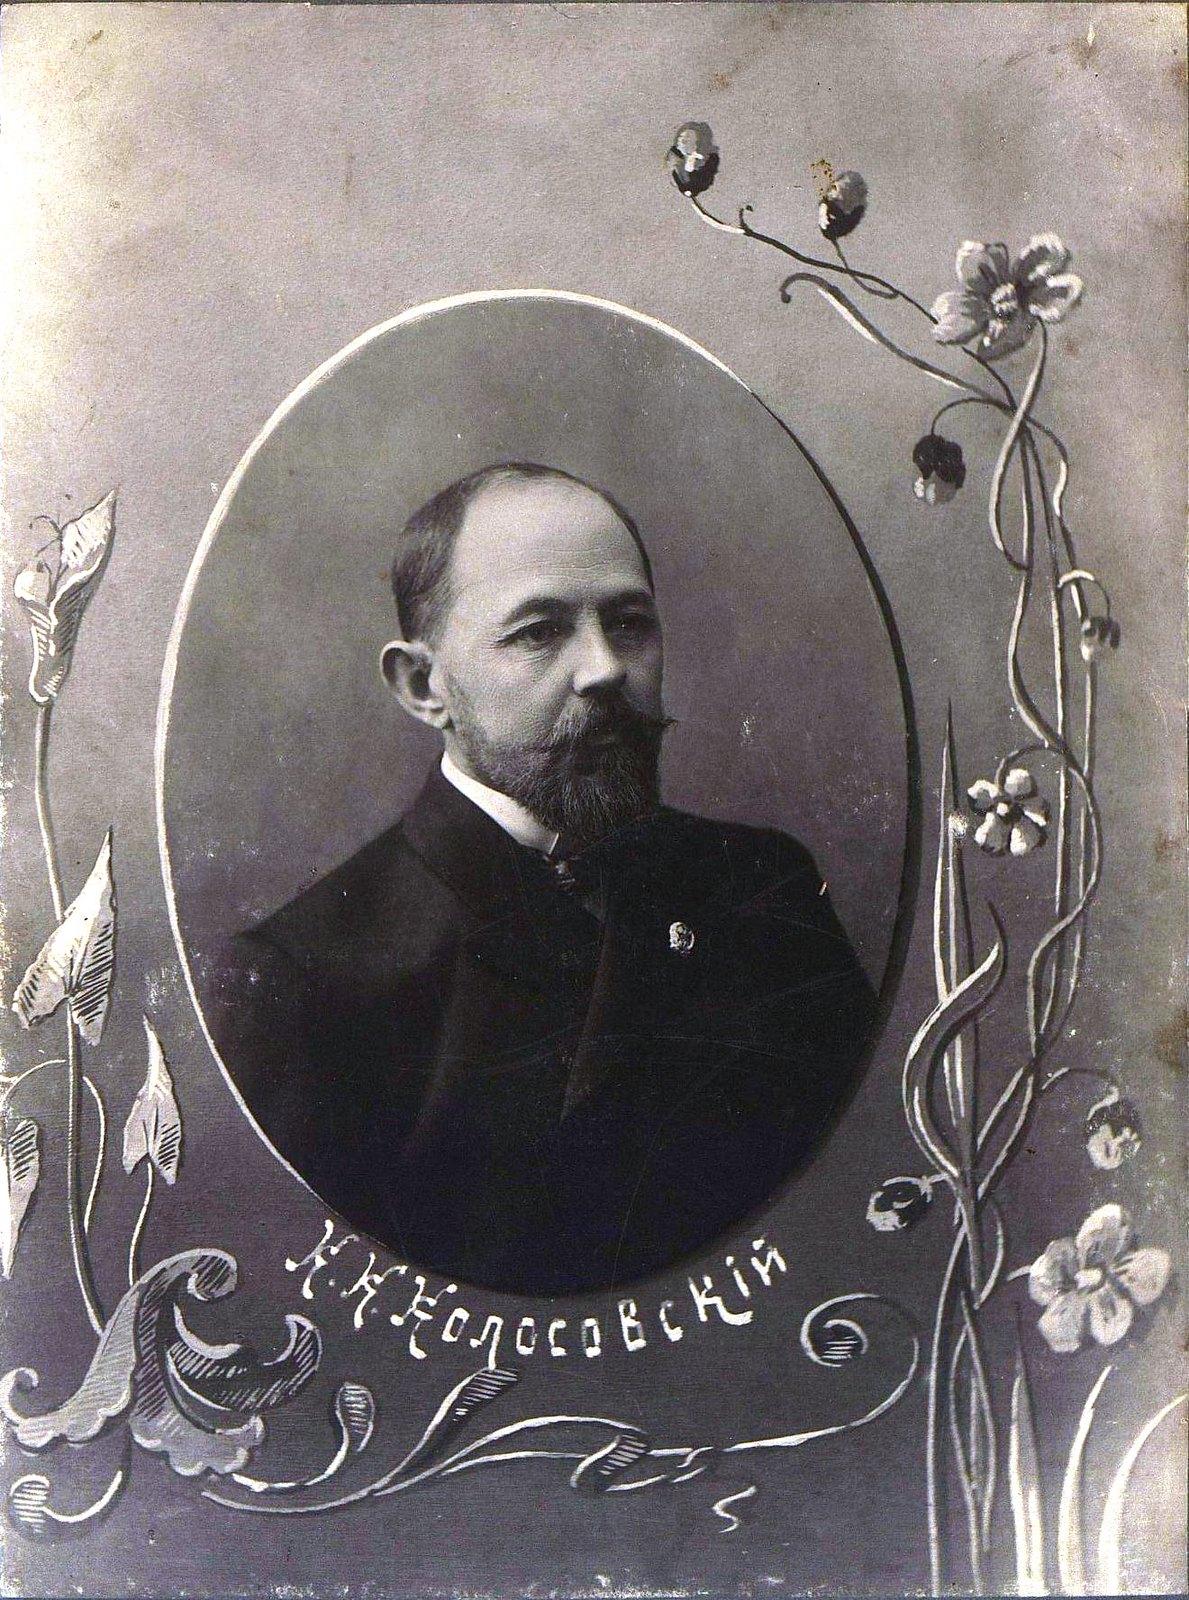 06. Колосовский К.К.